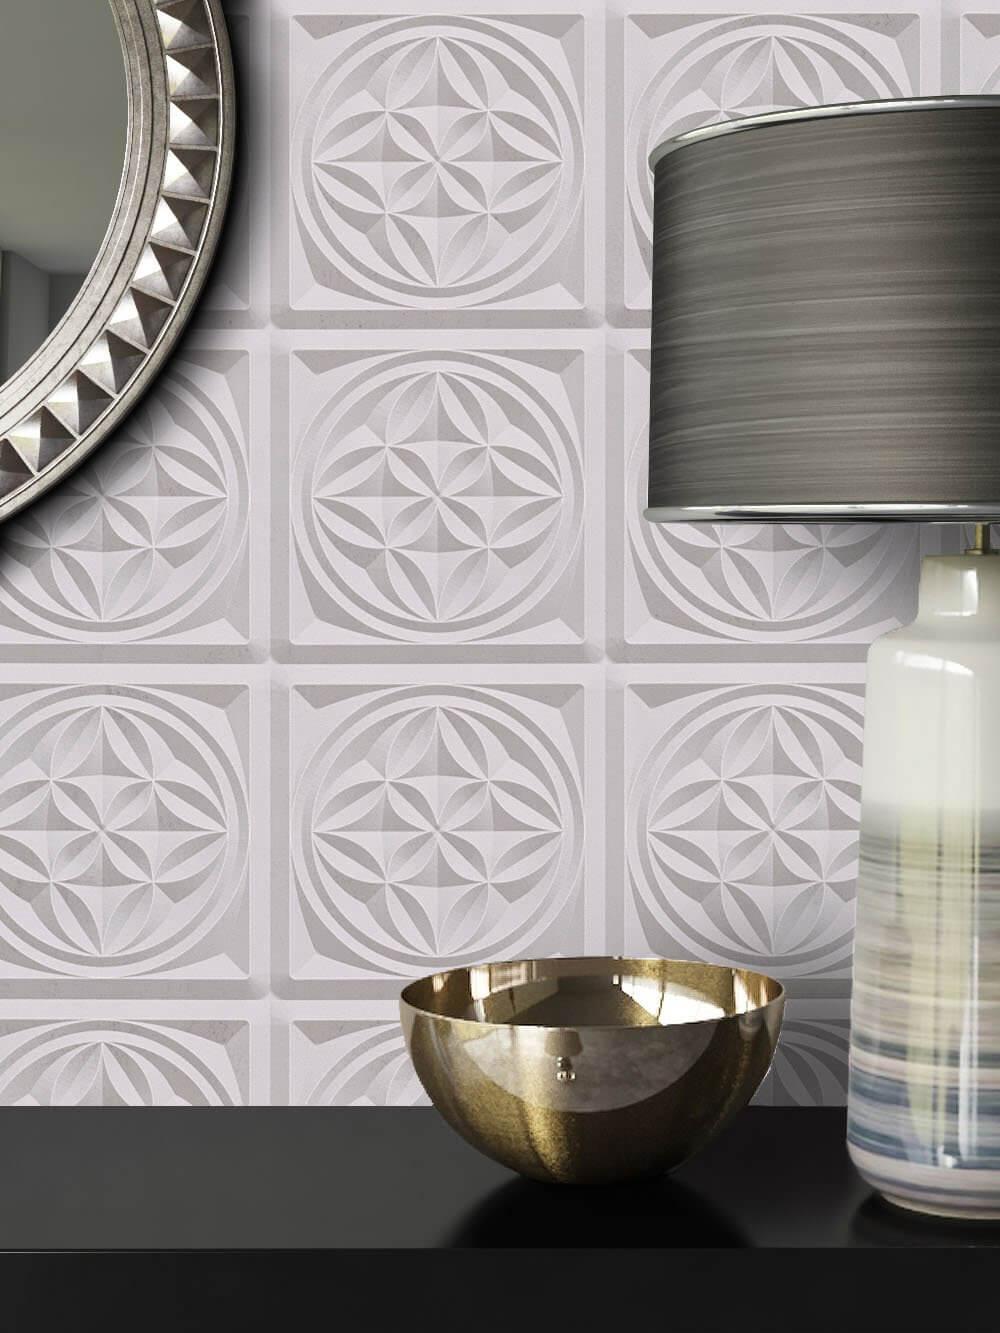 vliestapete grau grafik b ro diele flur k che schlafen wohnen newroom. Black Bedroom Furniture Sets. Home Design Ideas